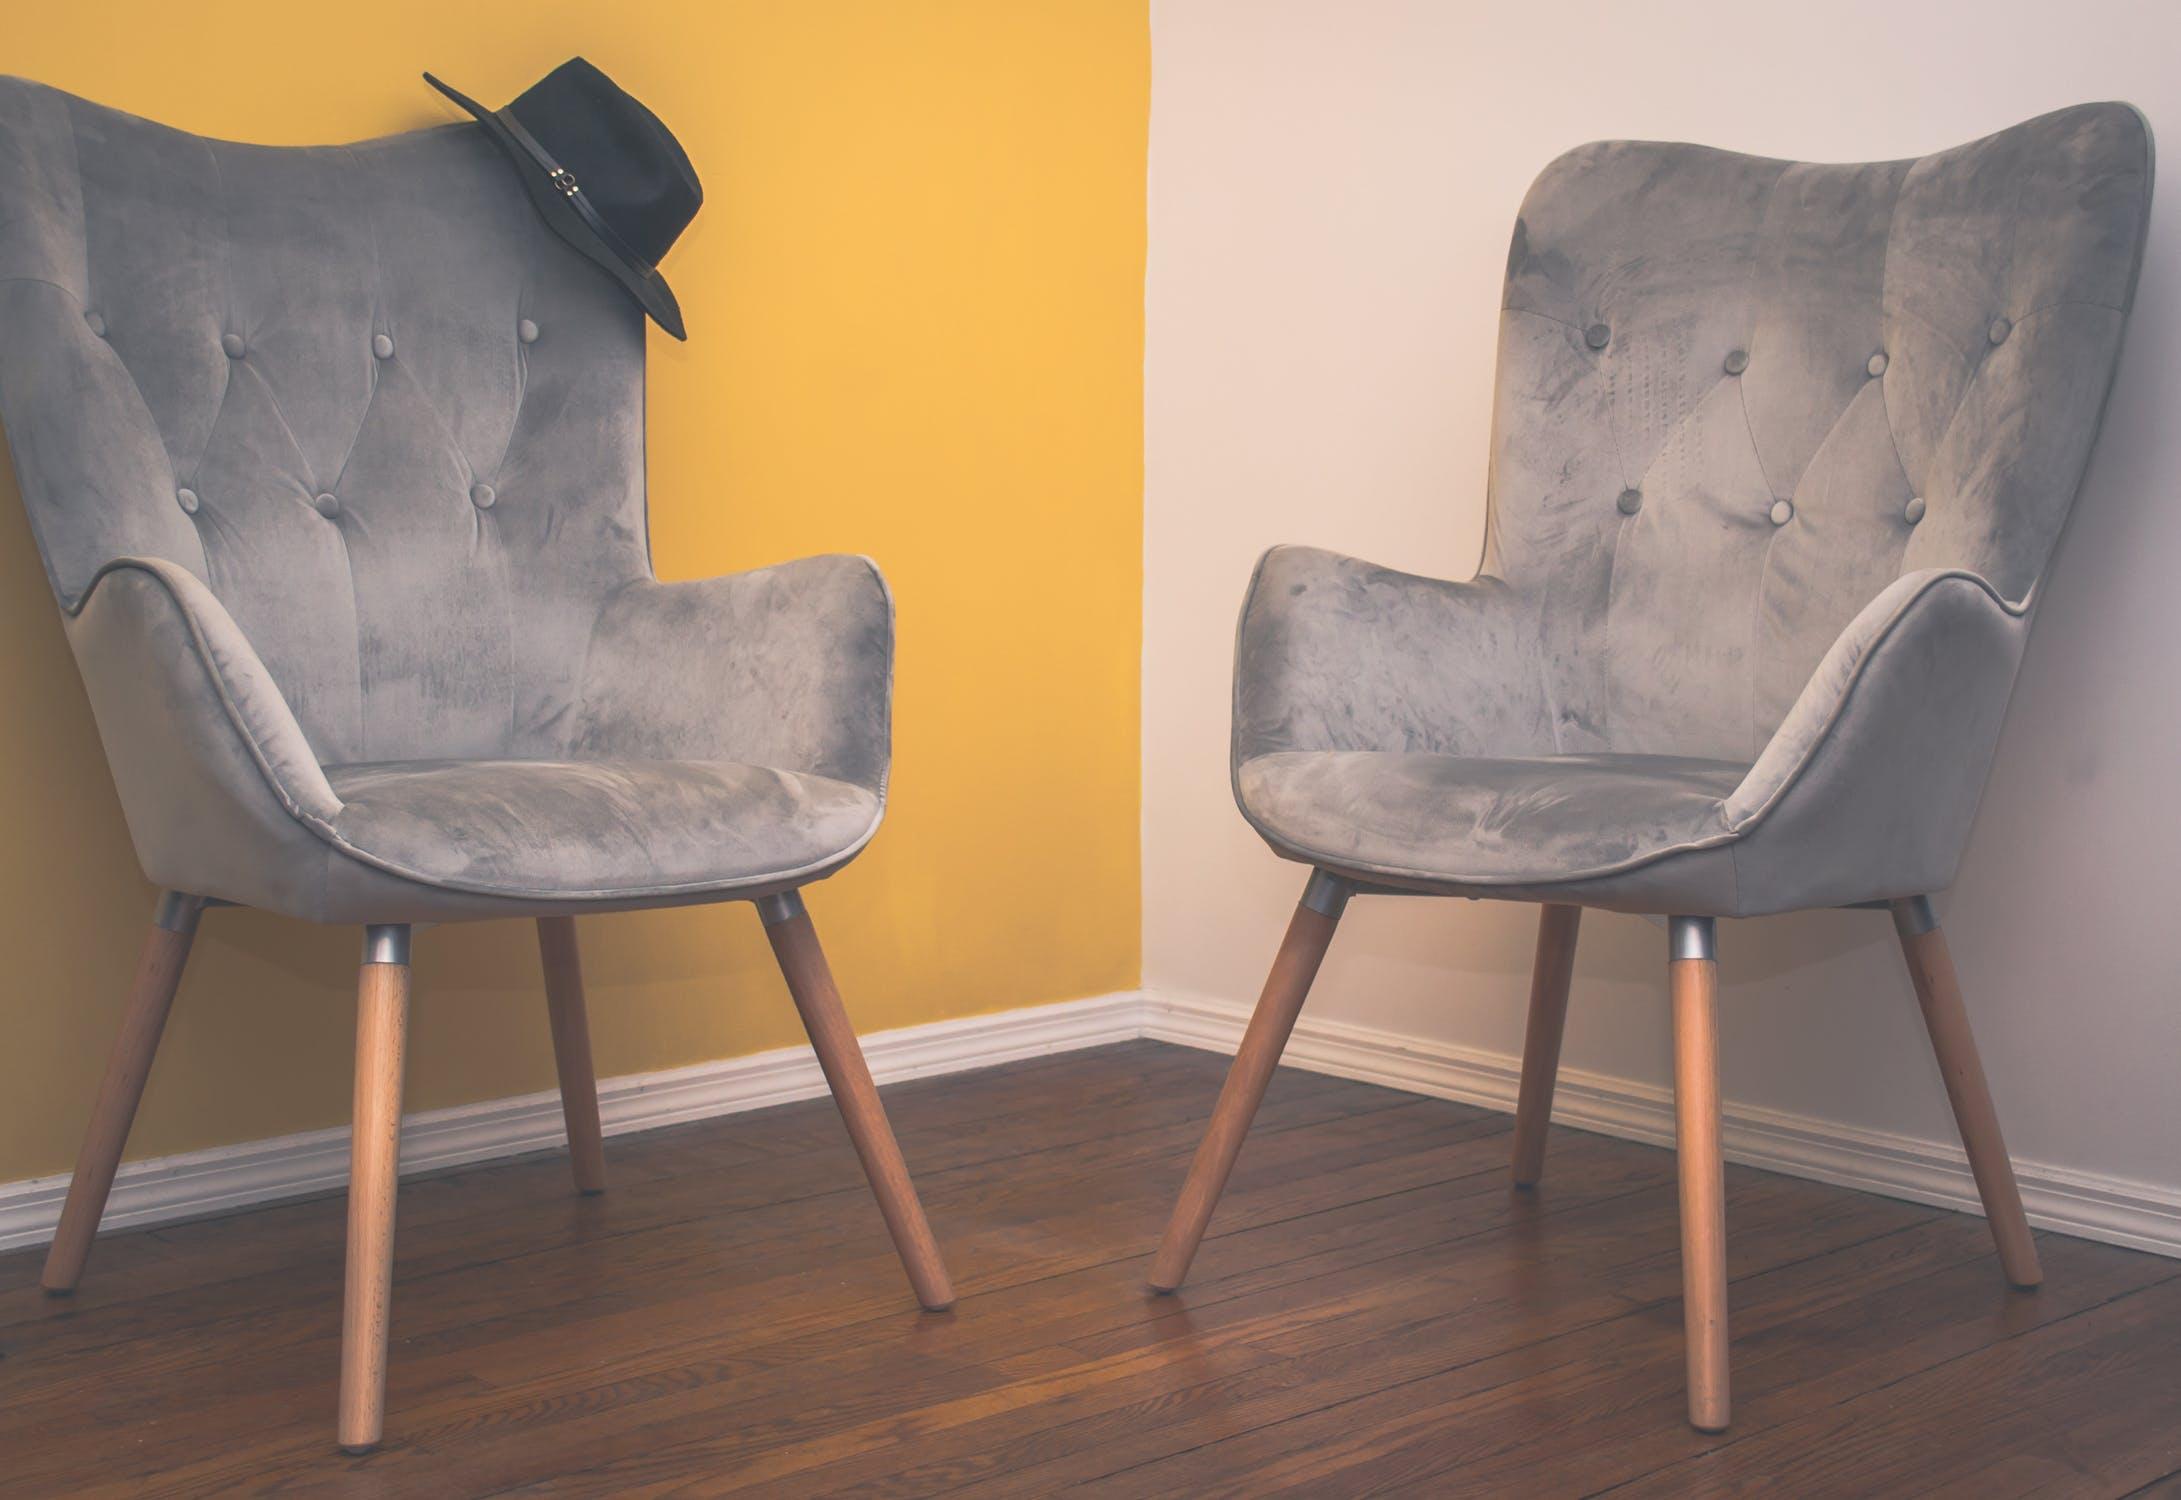 כורסאות מעוצבות – שווה להשקיע בנוחות אבל מה עם היופי